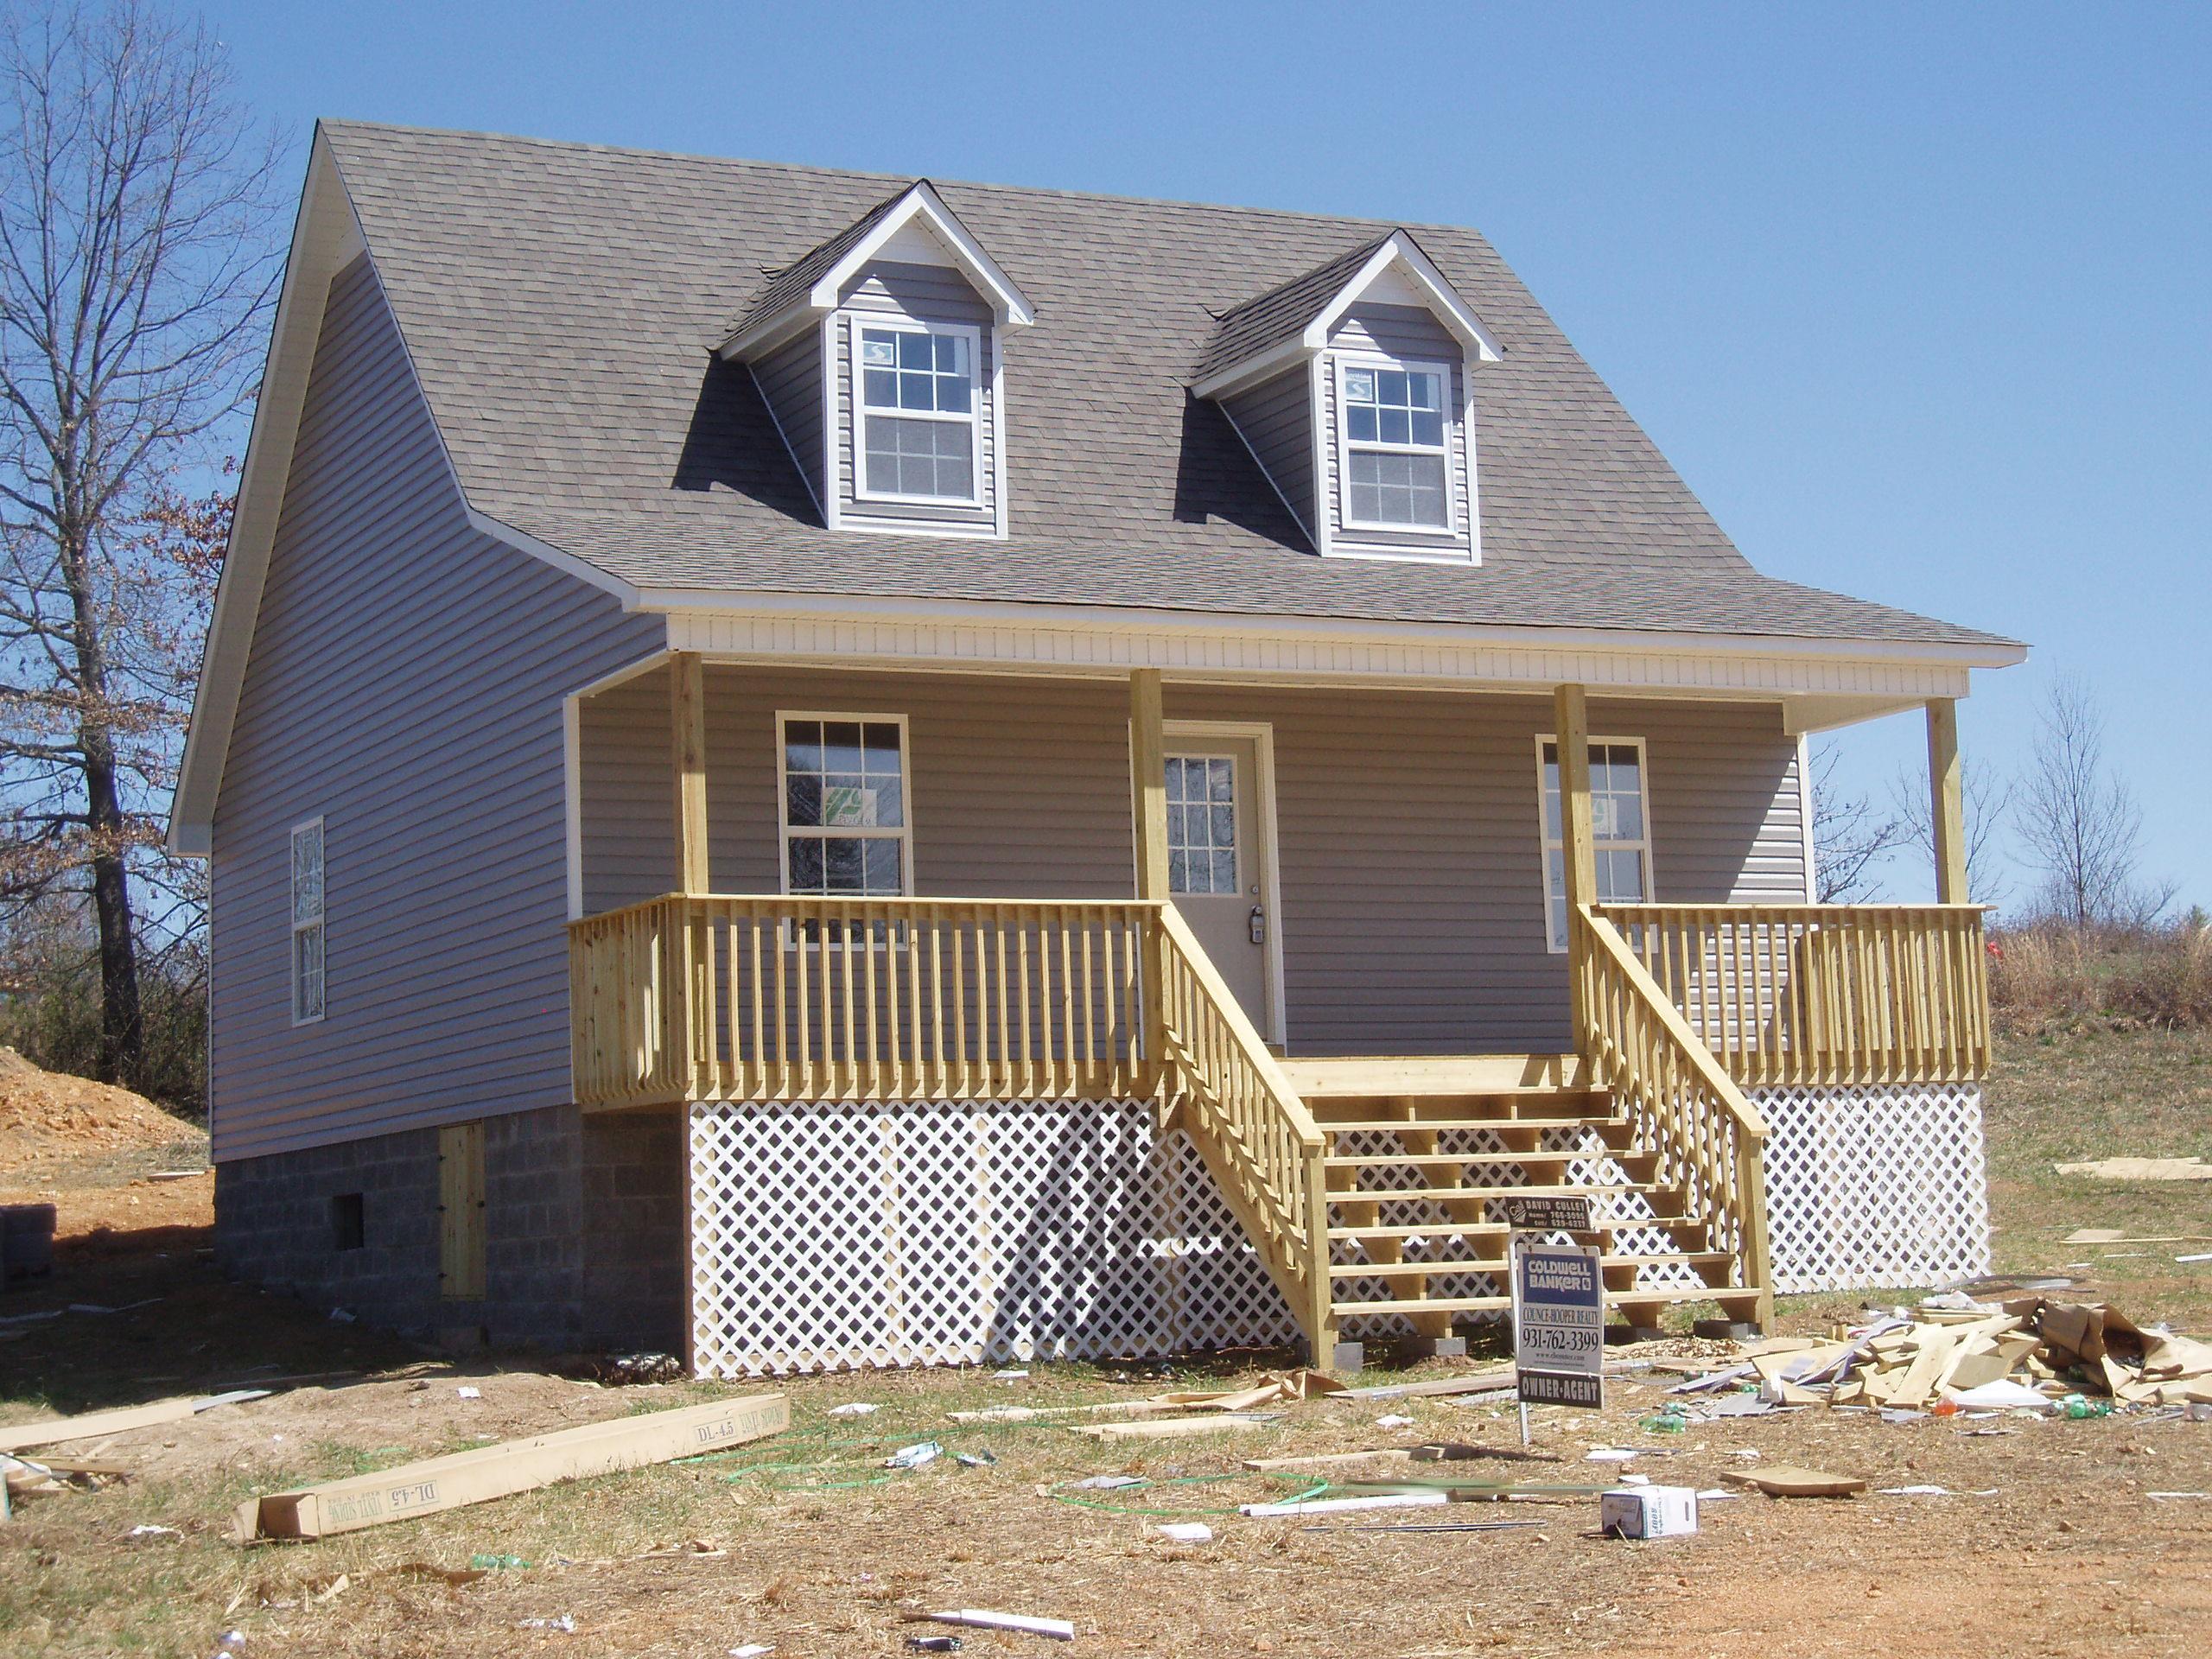 194 Dave 'O Lane, Loretto, Tennessee 38469